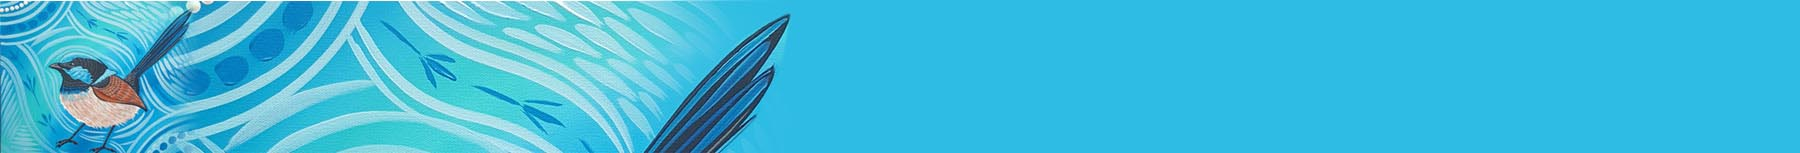 Blue Wren Banner